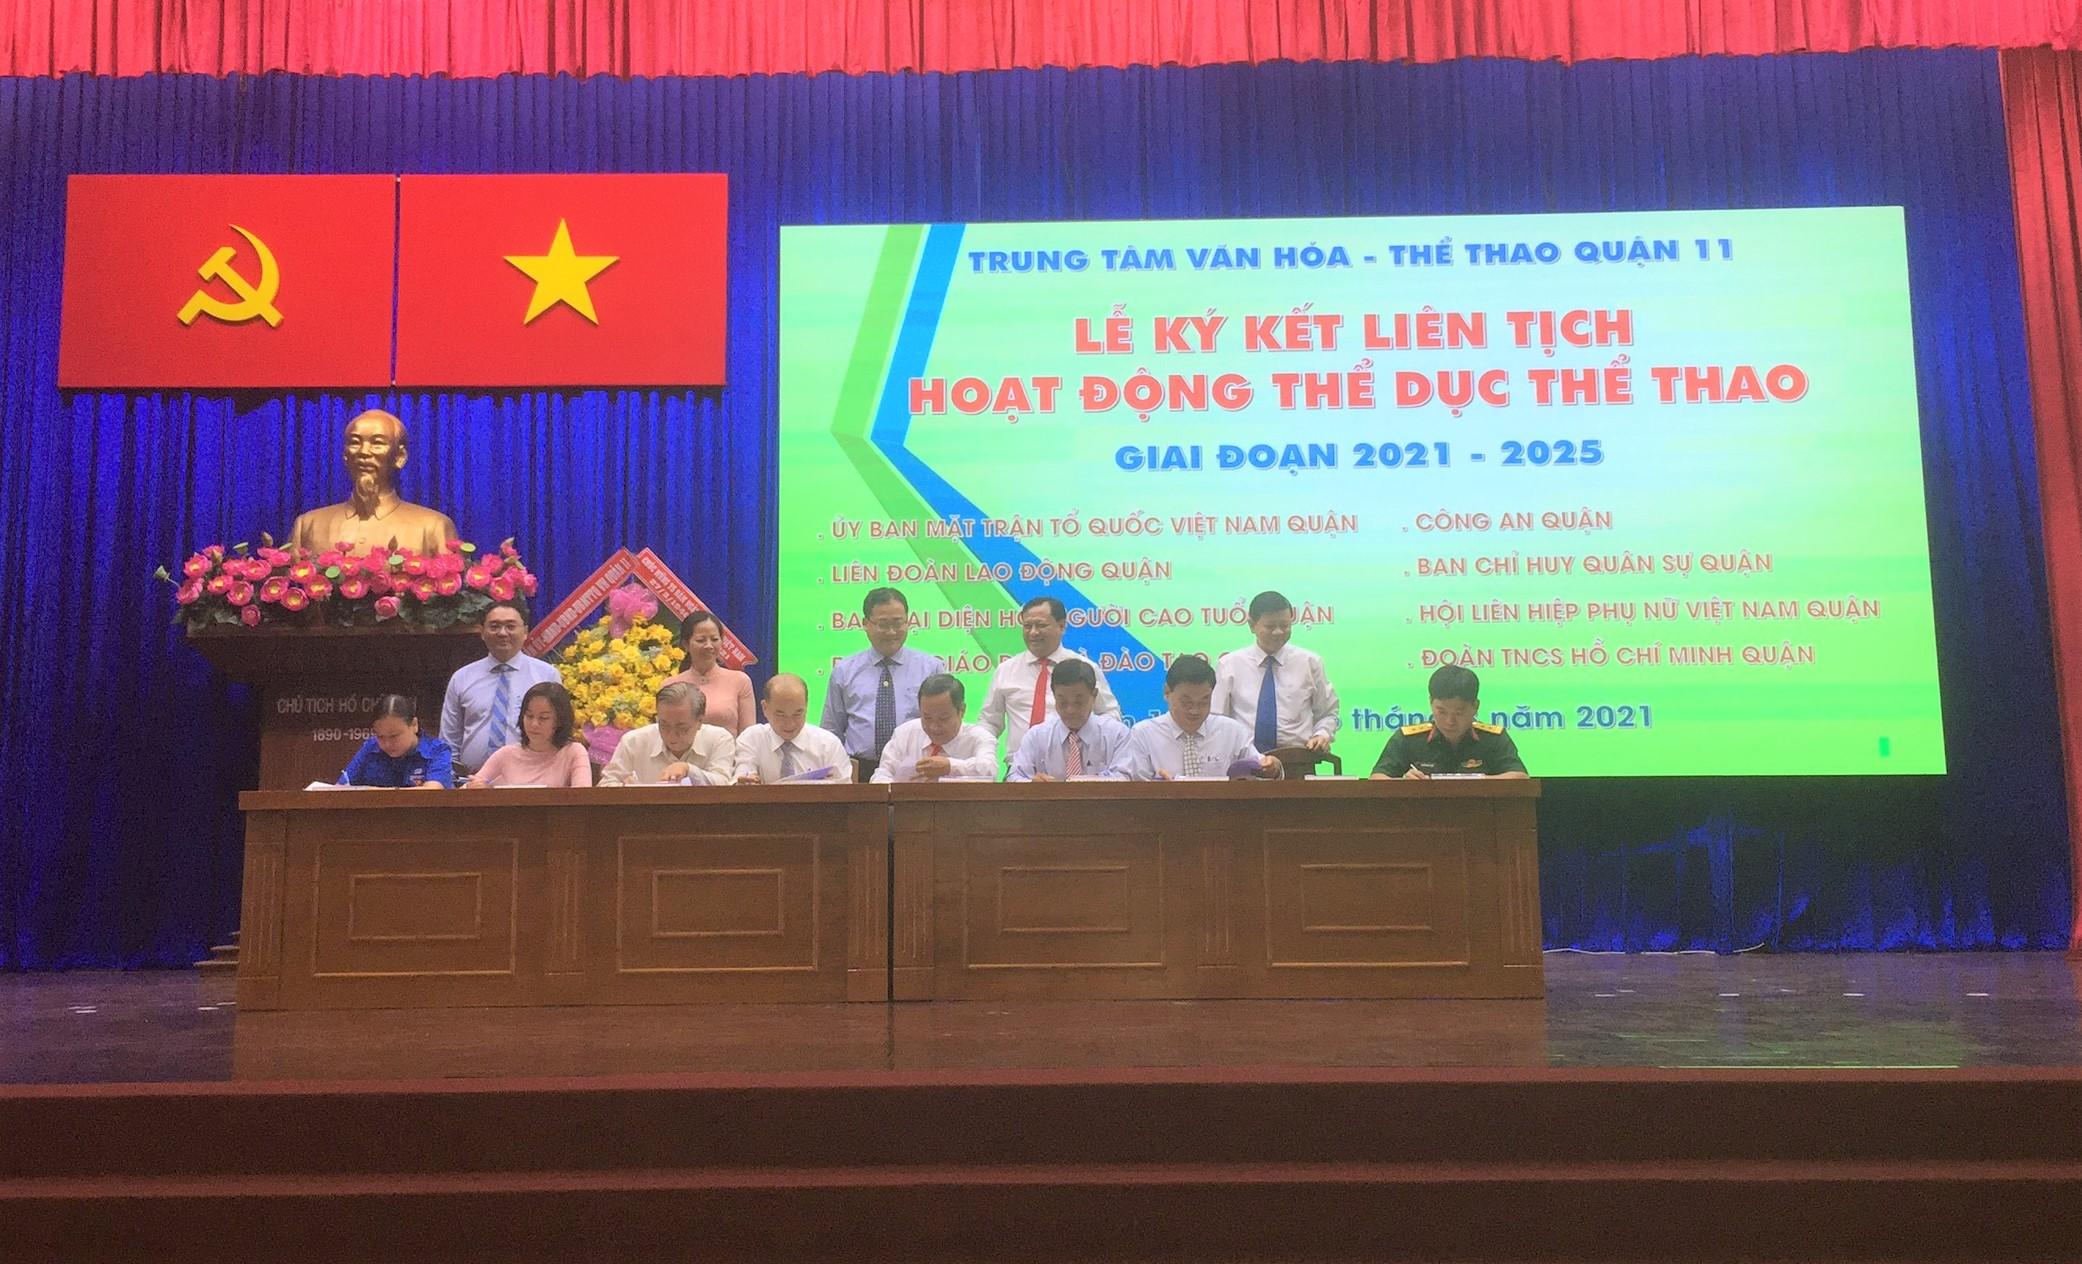 Hình ảnh: Quận 11 tổ chức họp mặt kỷ niệm 75 năm Ngày Thể thao Việt Nam số 3